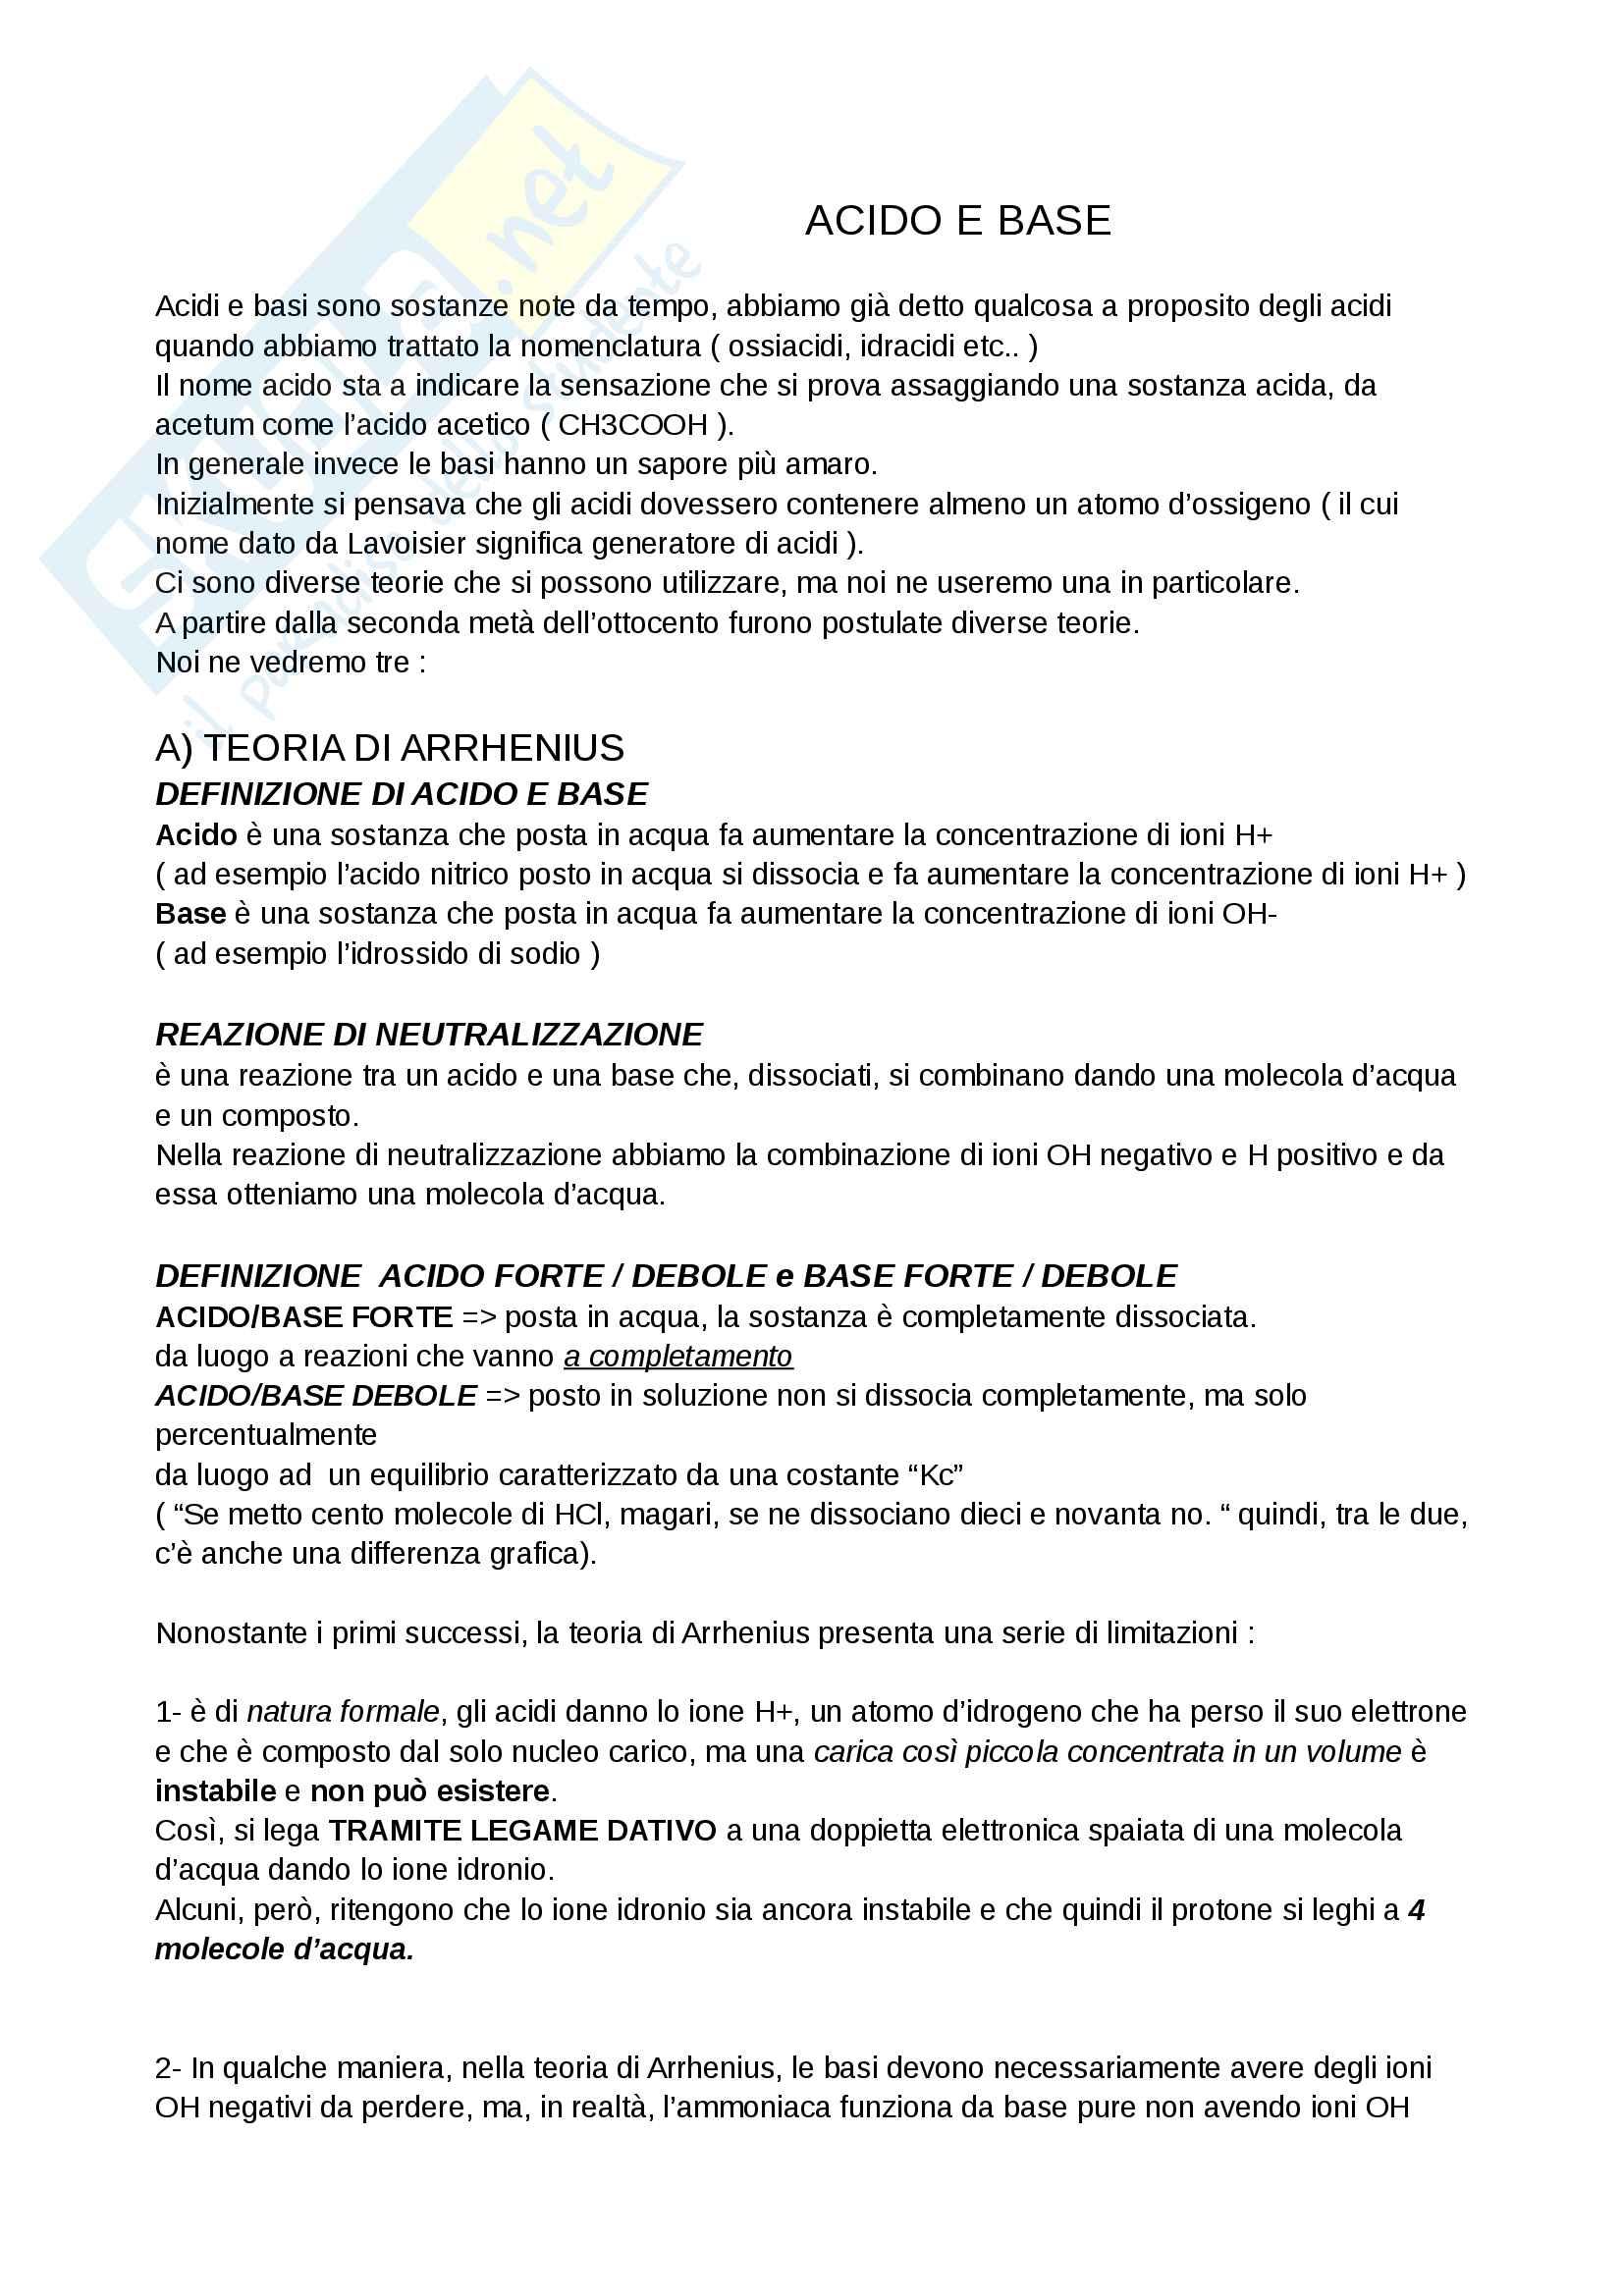 appunto C. Coletti CHIMICA GENERALE ED INORGANICA